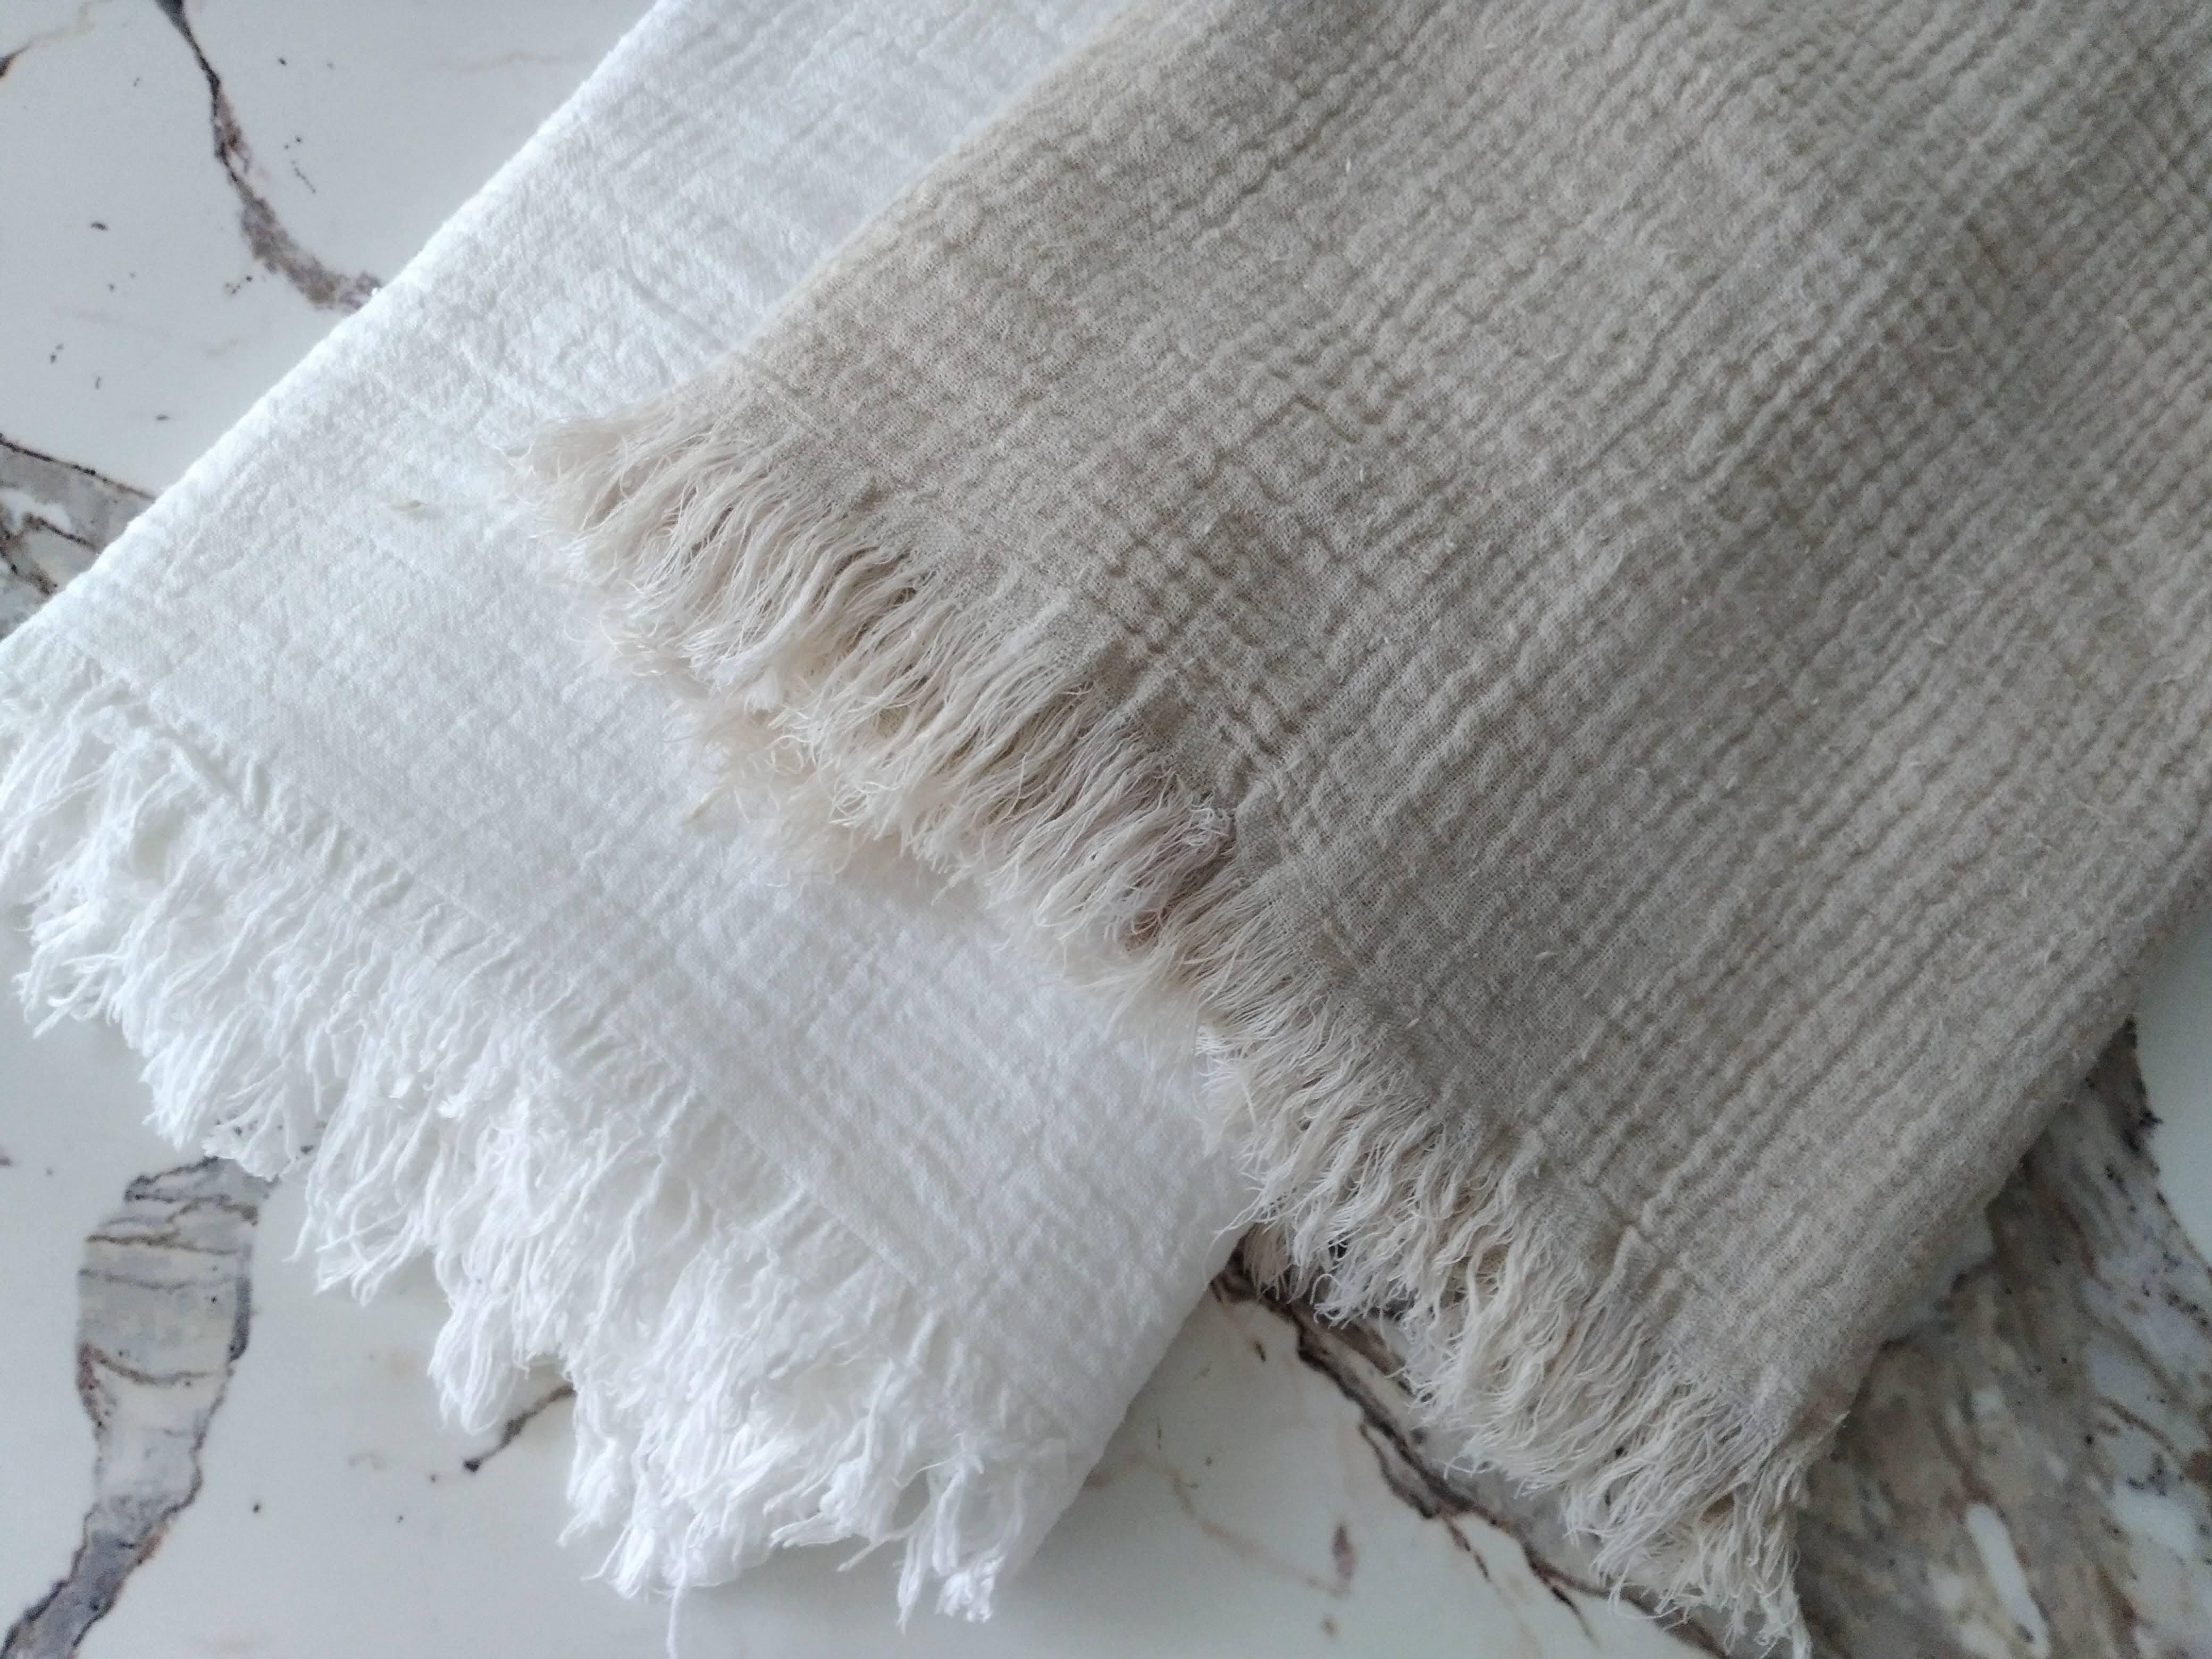 Organic Cotton100% Peshtemal from Buldan Double sided ペシュテマル ブルダンオーガニックコットン100% 二層織り